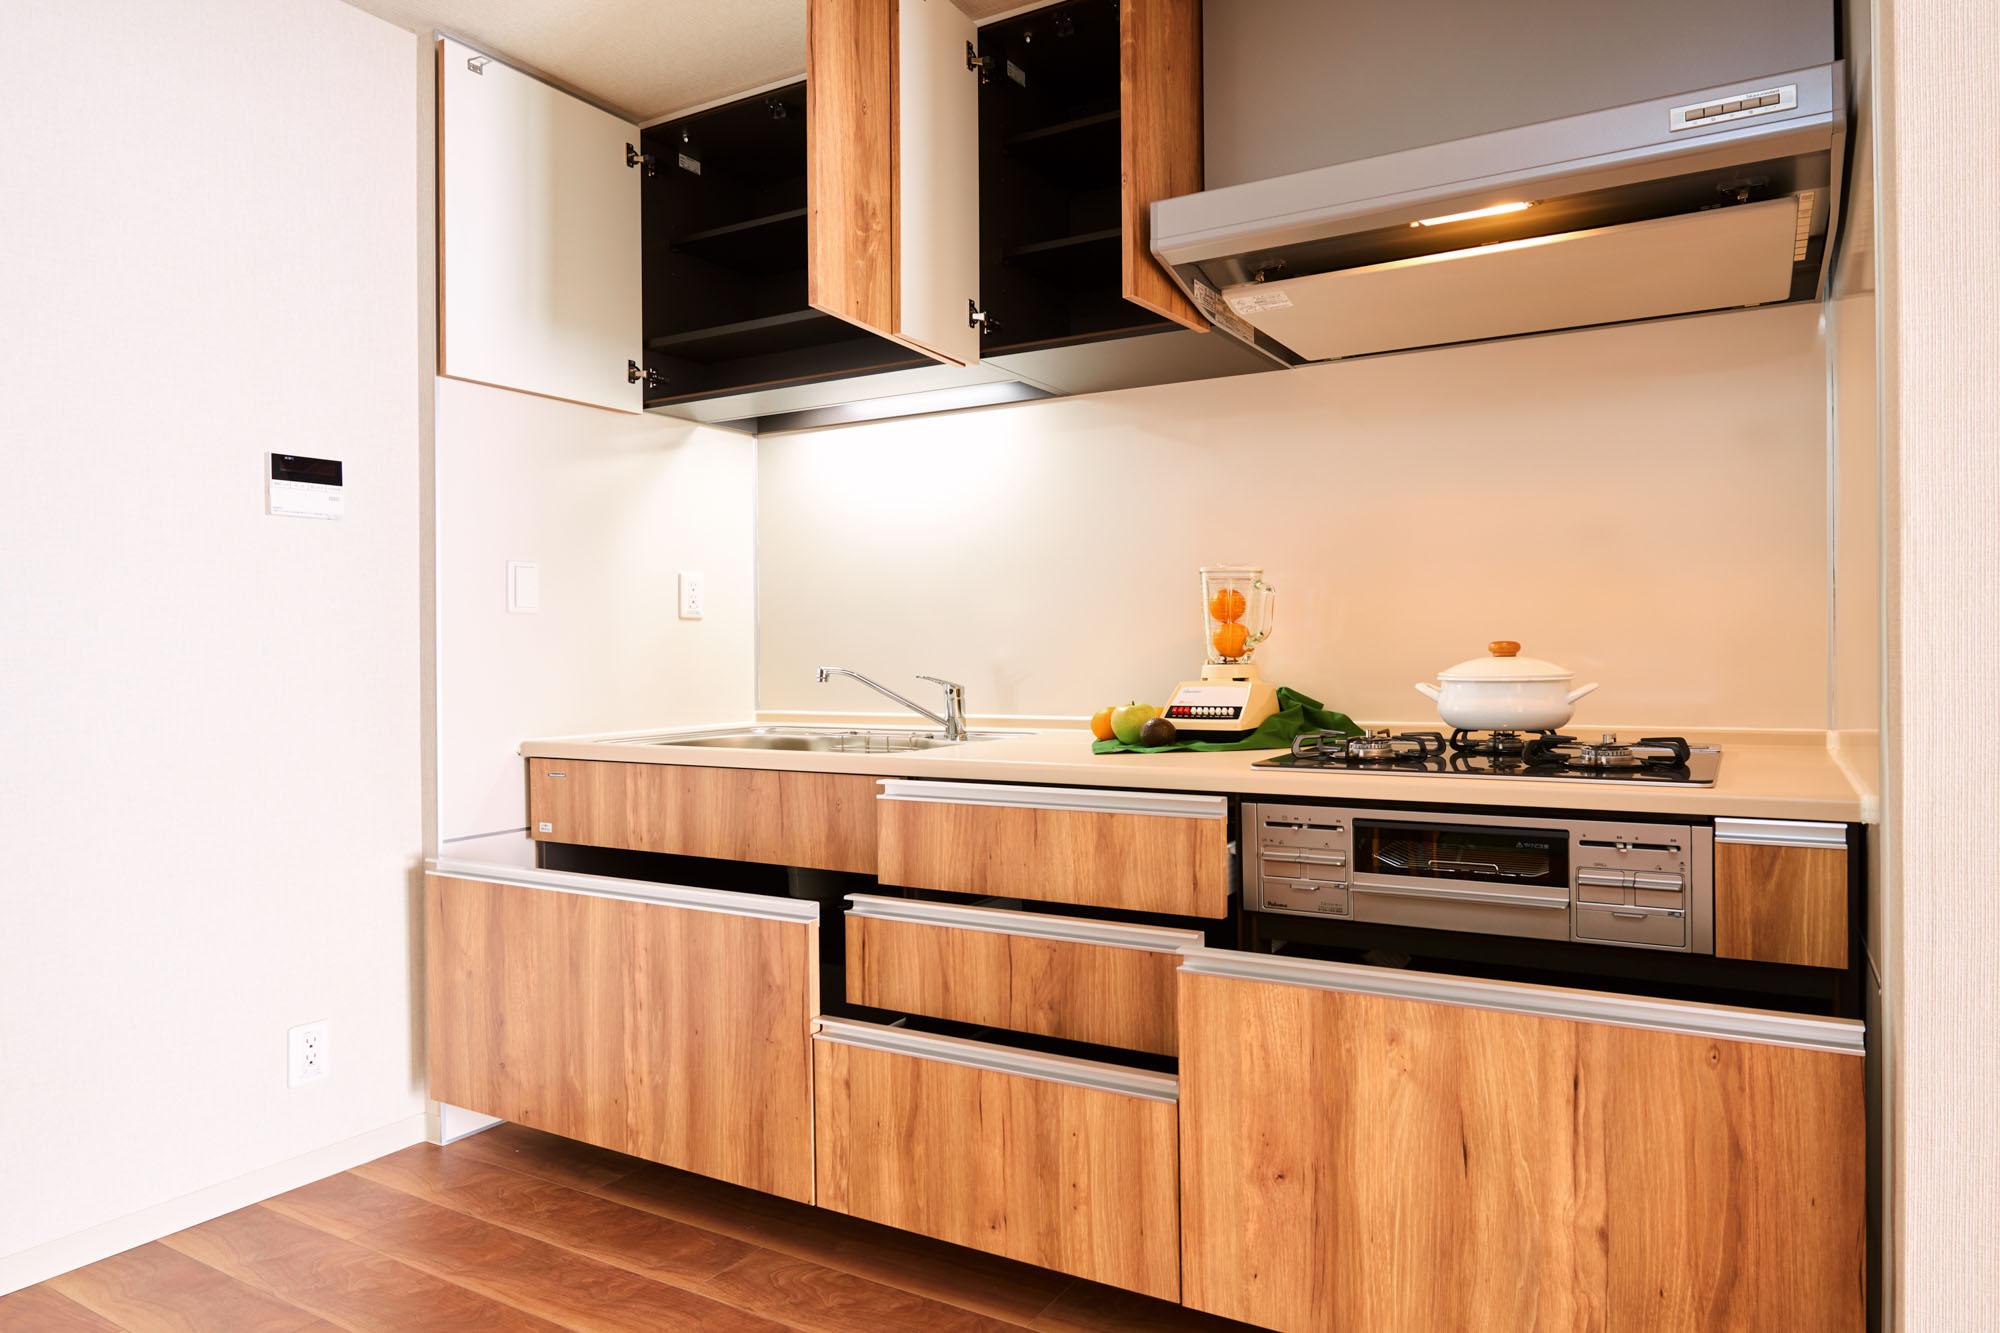 収納は使いやすい引き出し式です。キッチン道具も器も、ここだけで十分しまえそう。